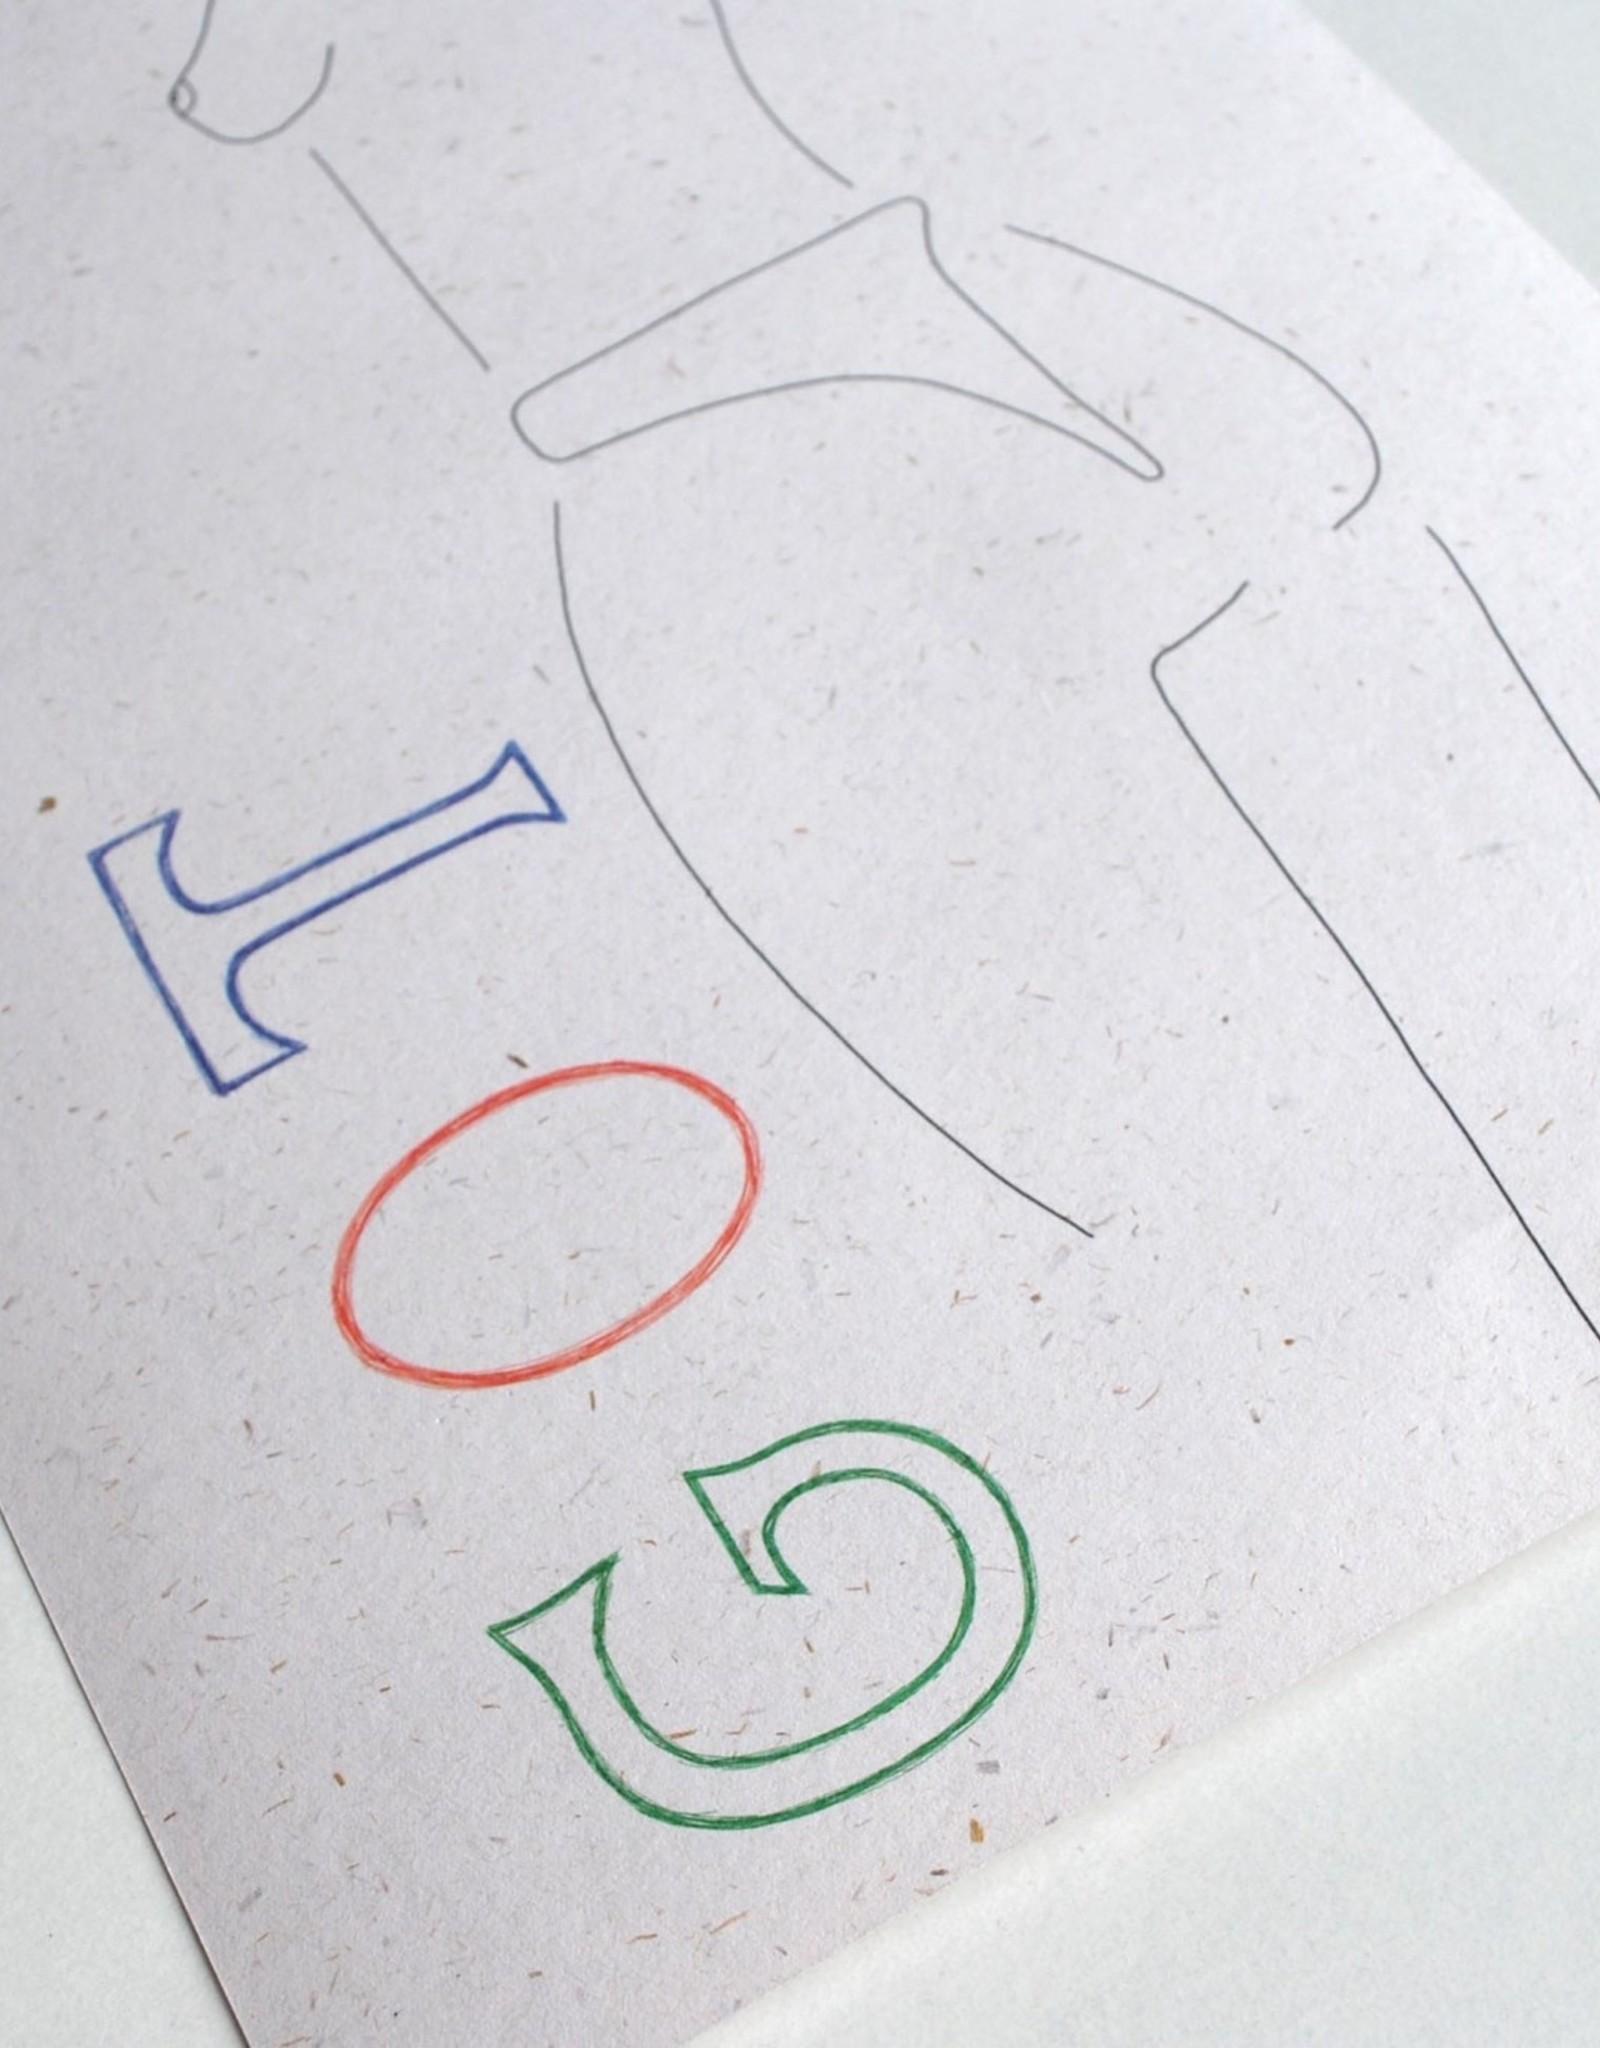 """Triana Drozd """"GOT"""" digital print on hemp paper by Triana Drozd"""